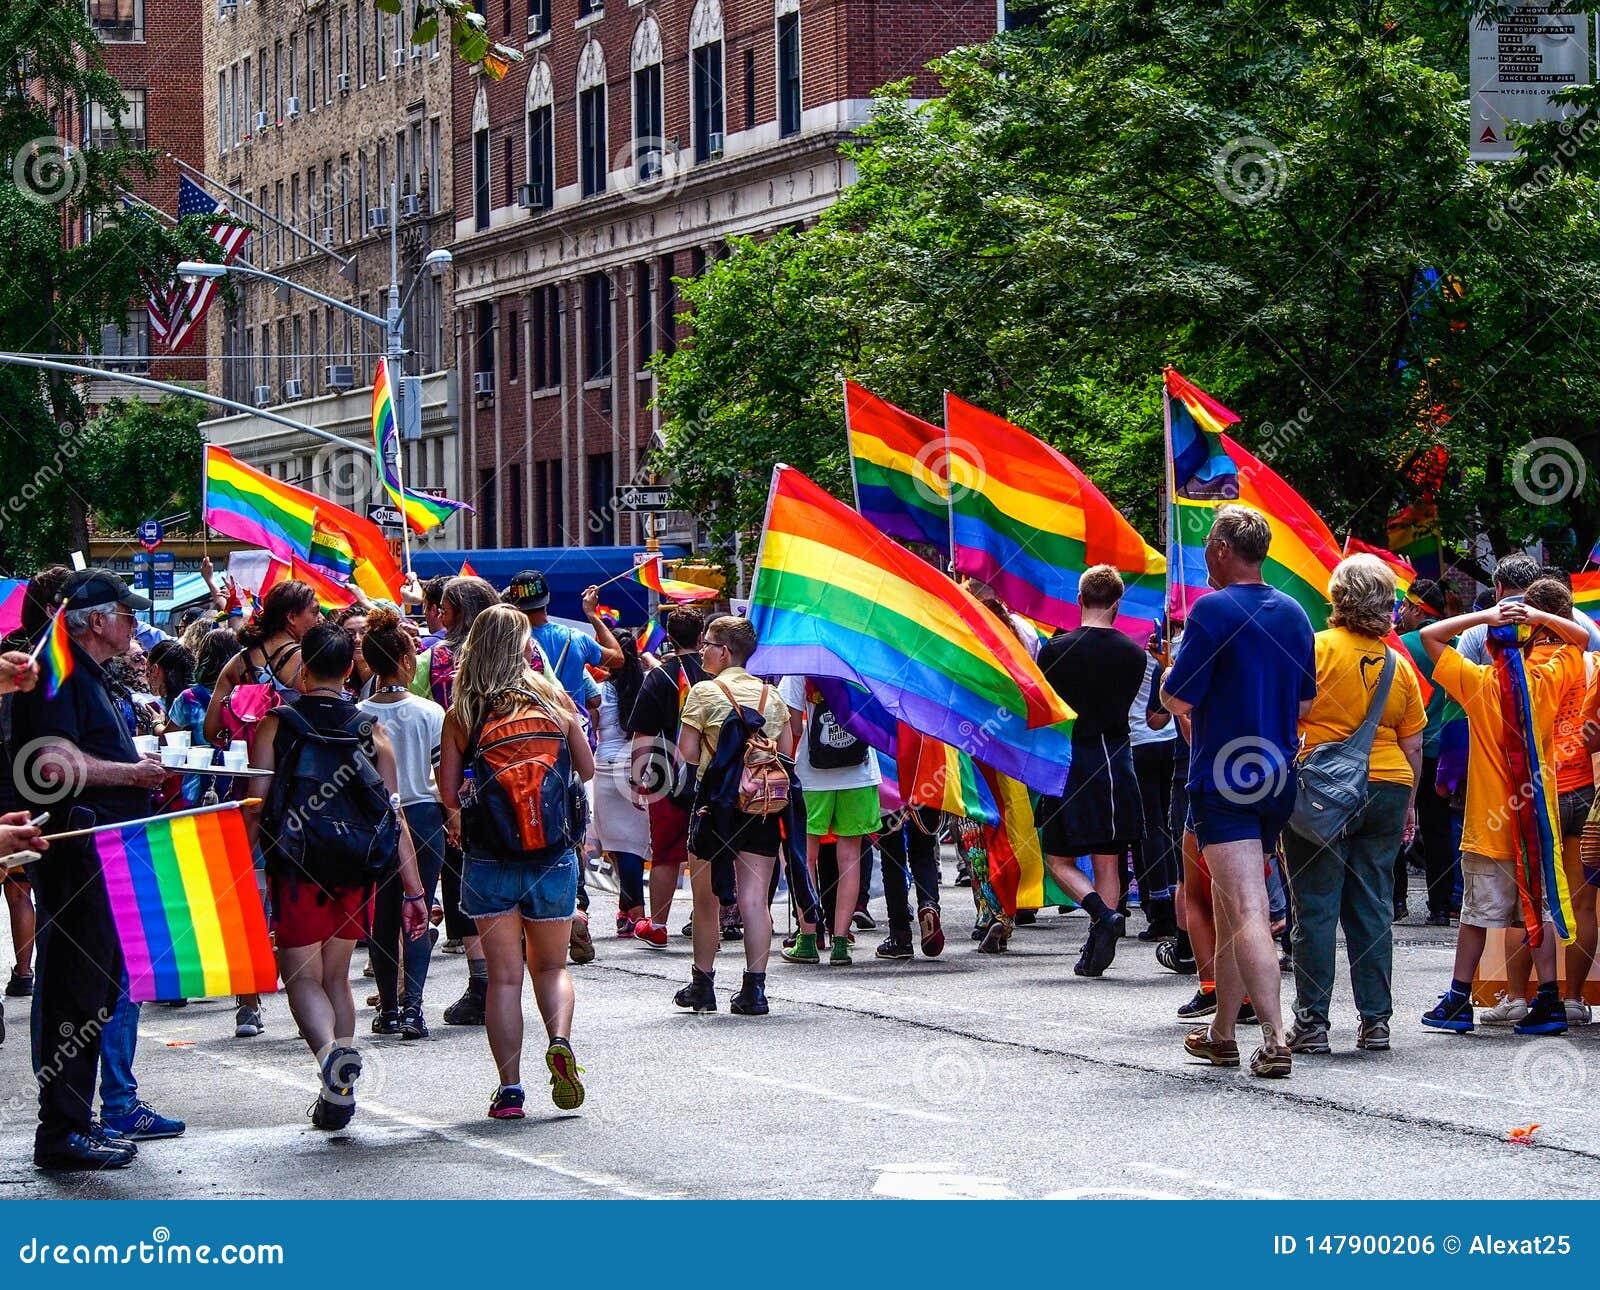 纽约,美国-纽约同性恋游行的人们